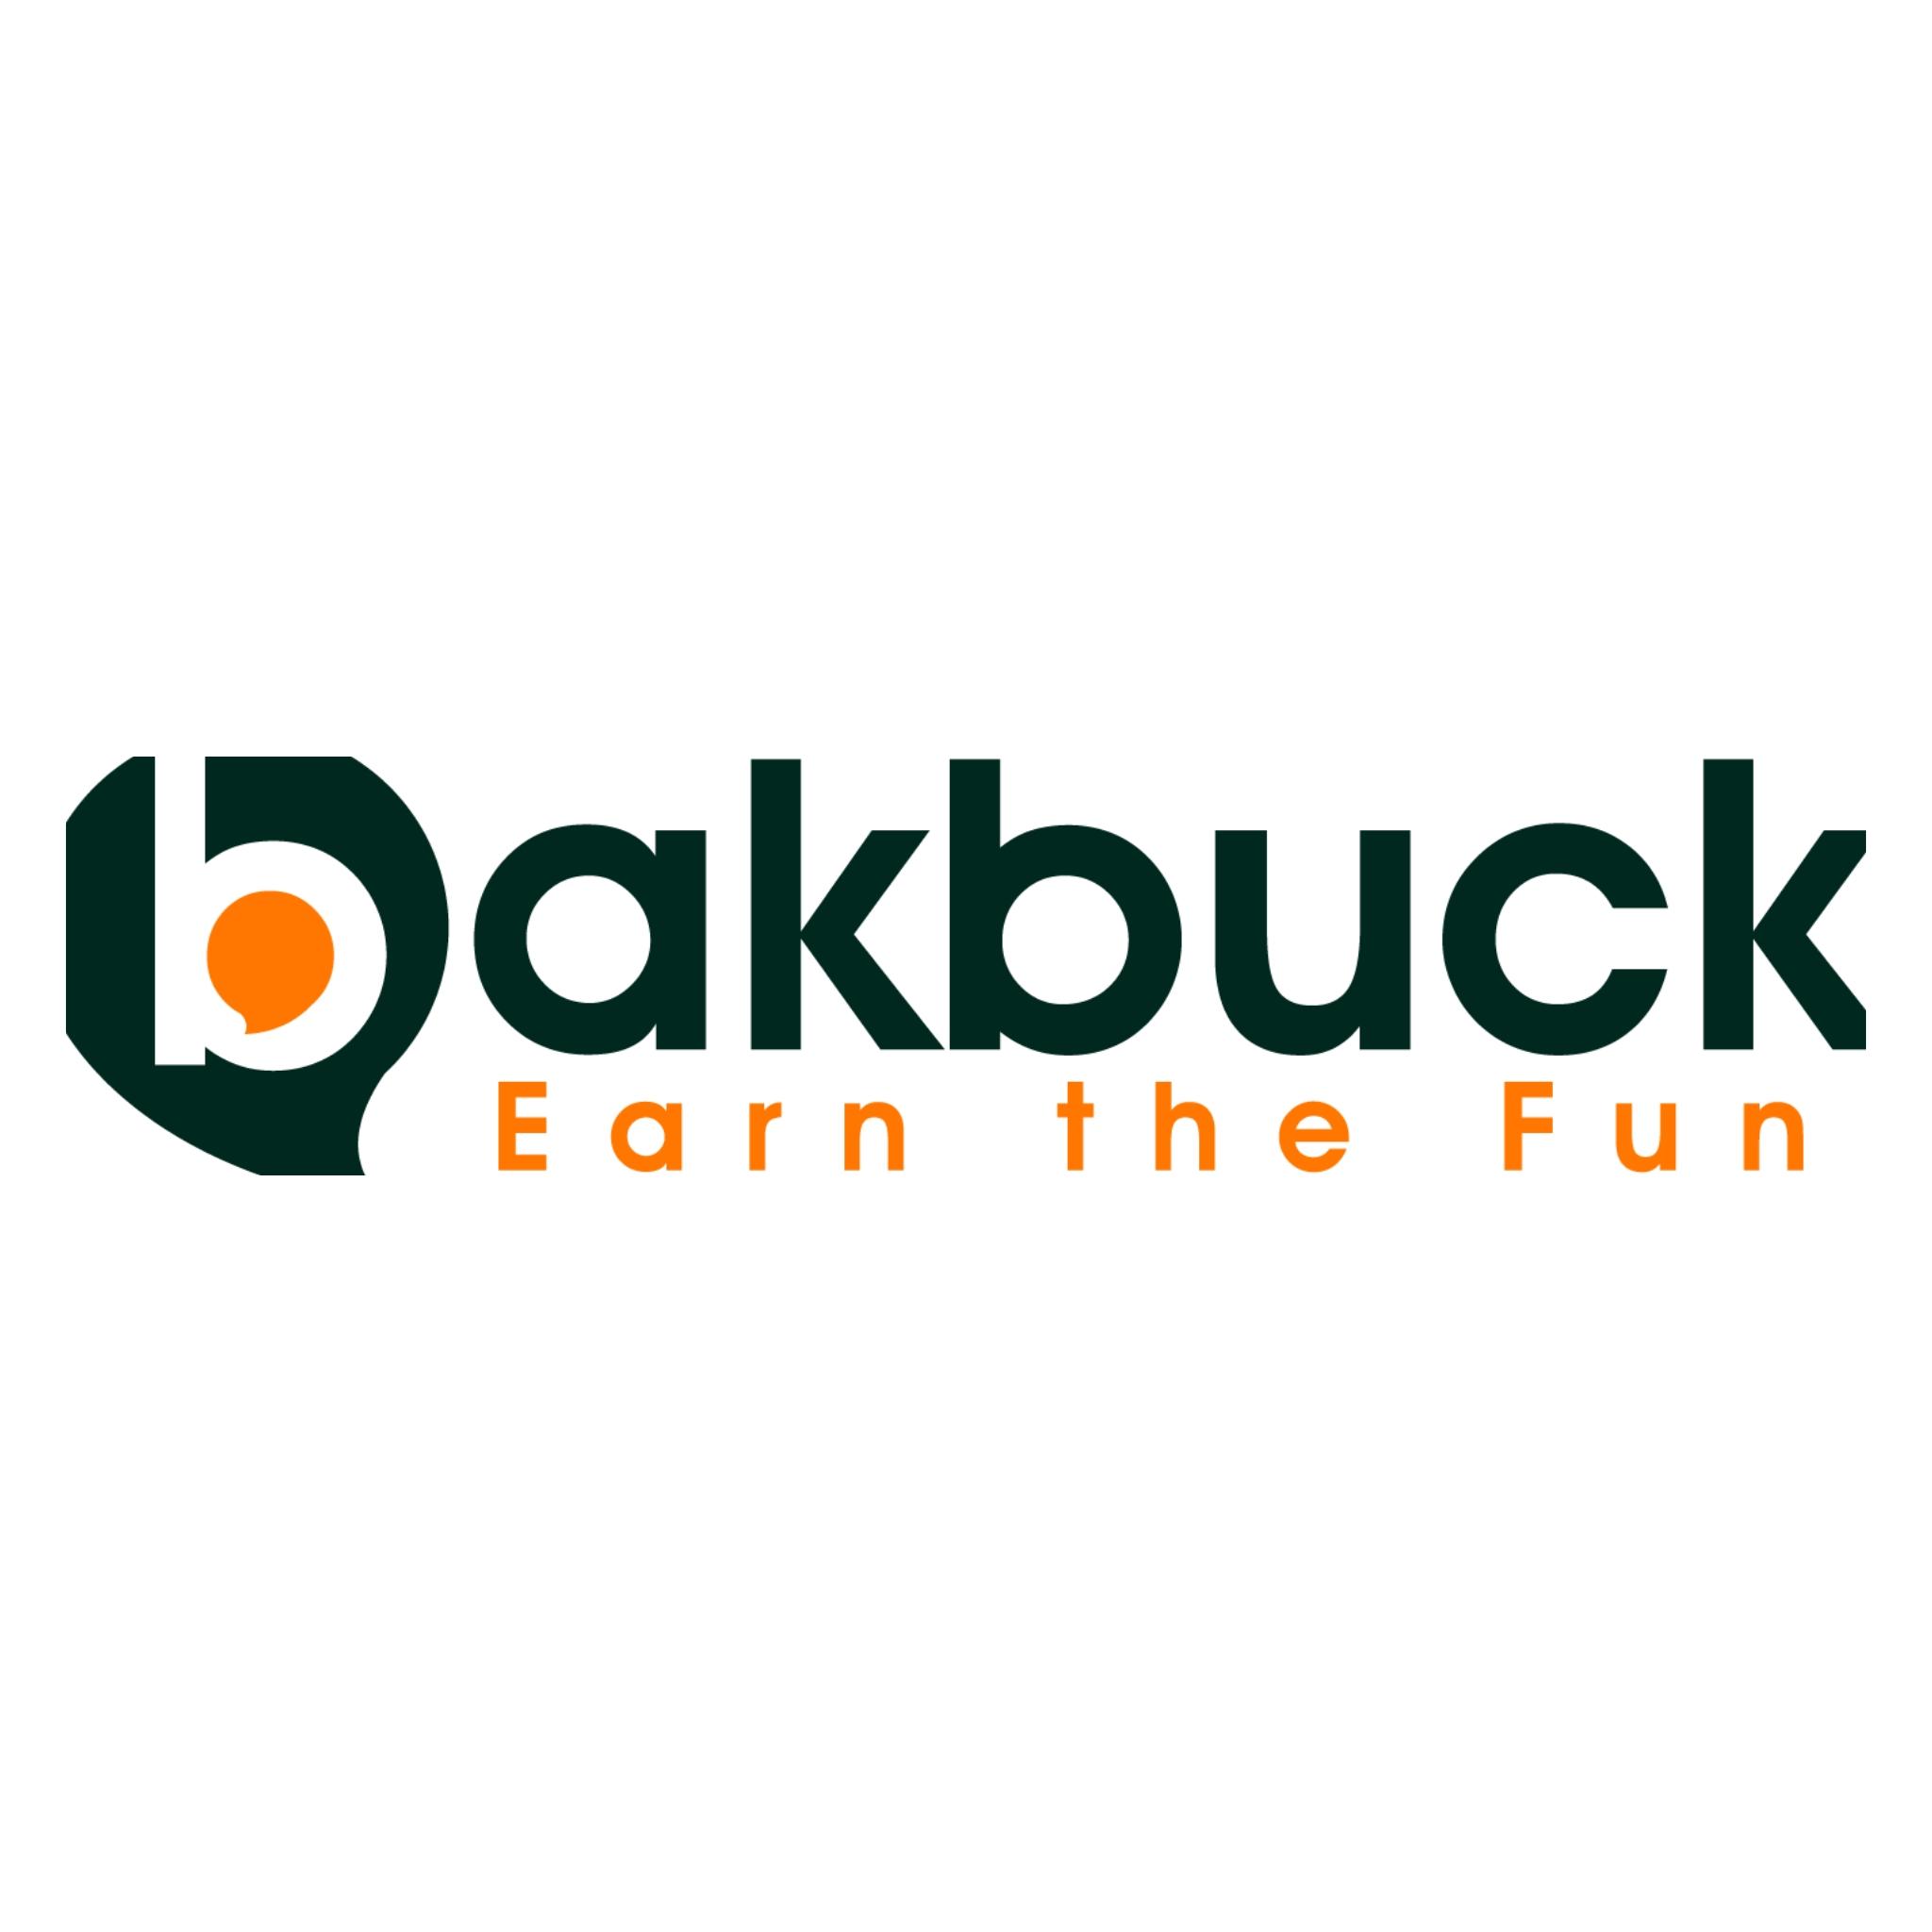 Bakbuck